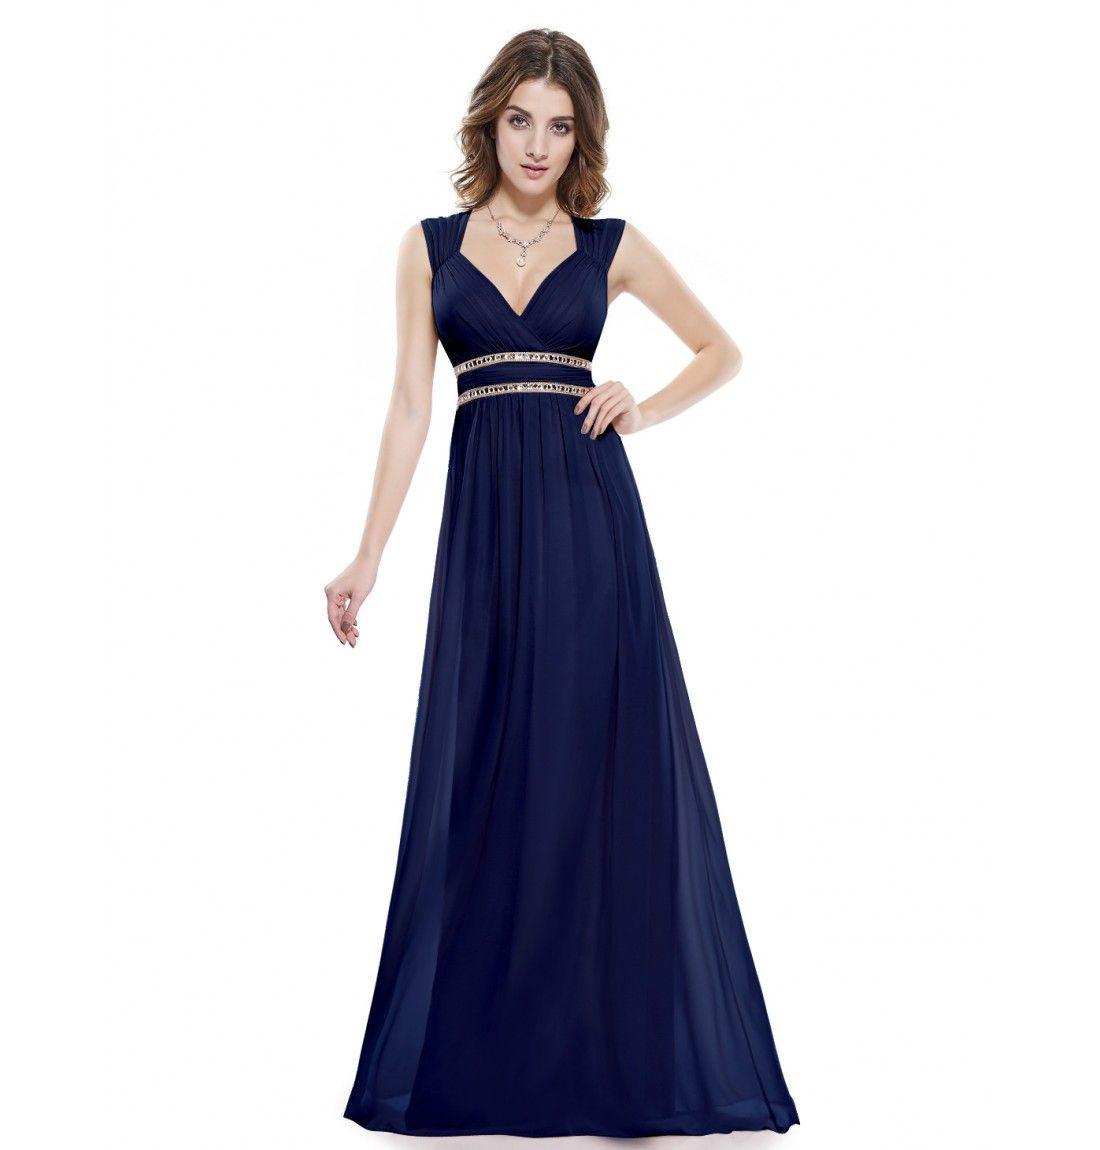 Designer Genial Abendkleid Lang Blau Galerie20 Schön Abendkleid Lang Blau Bester Preis